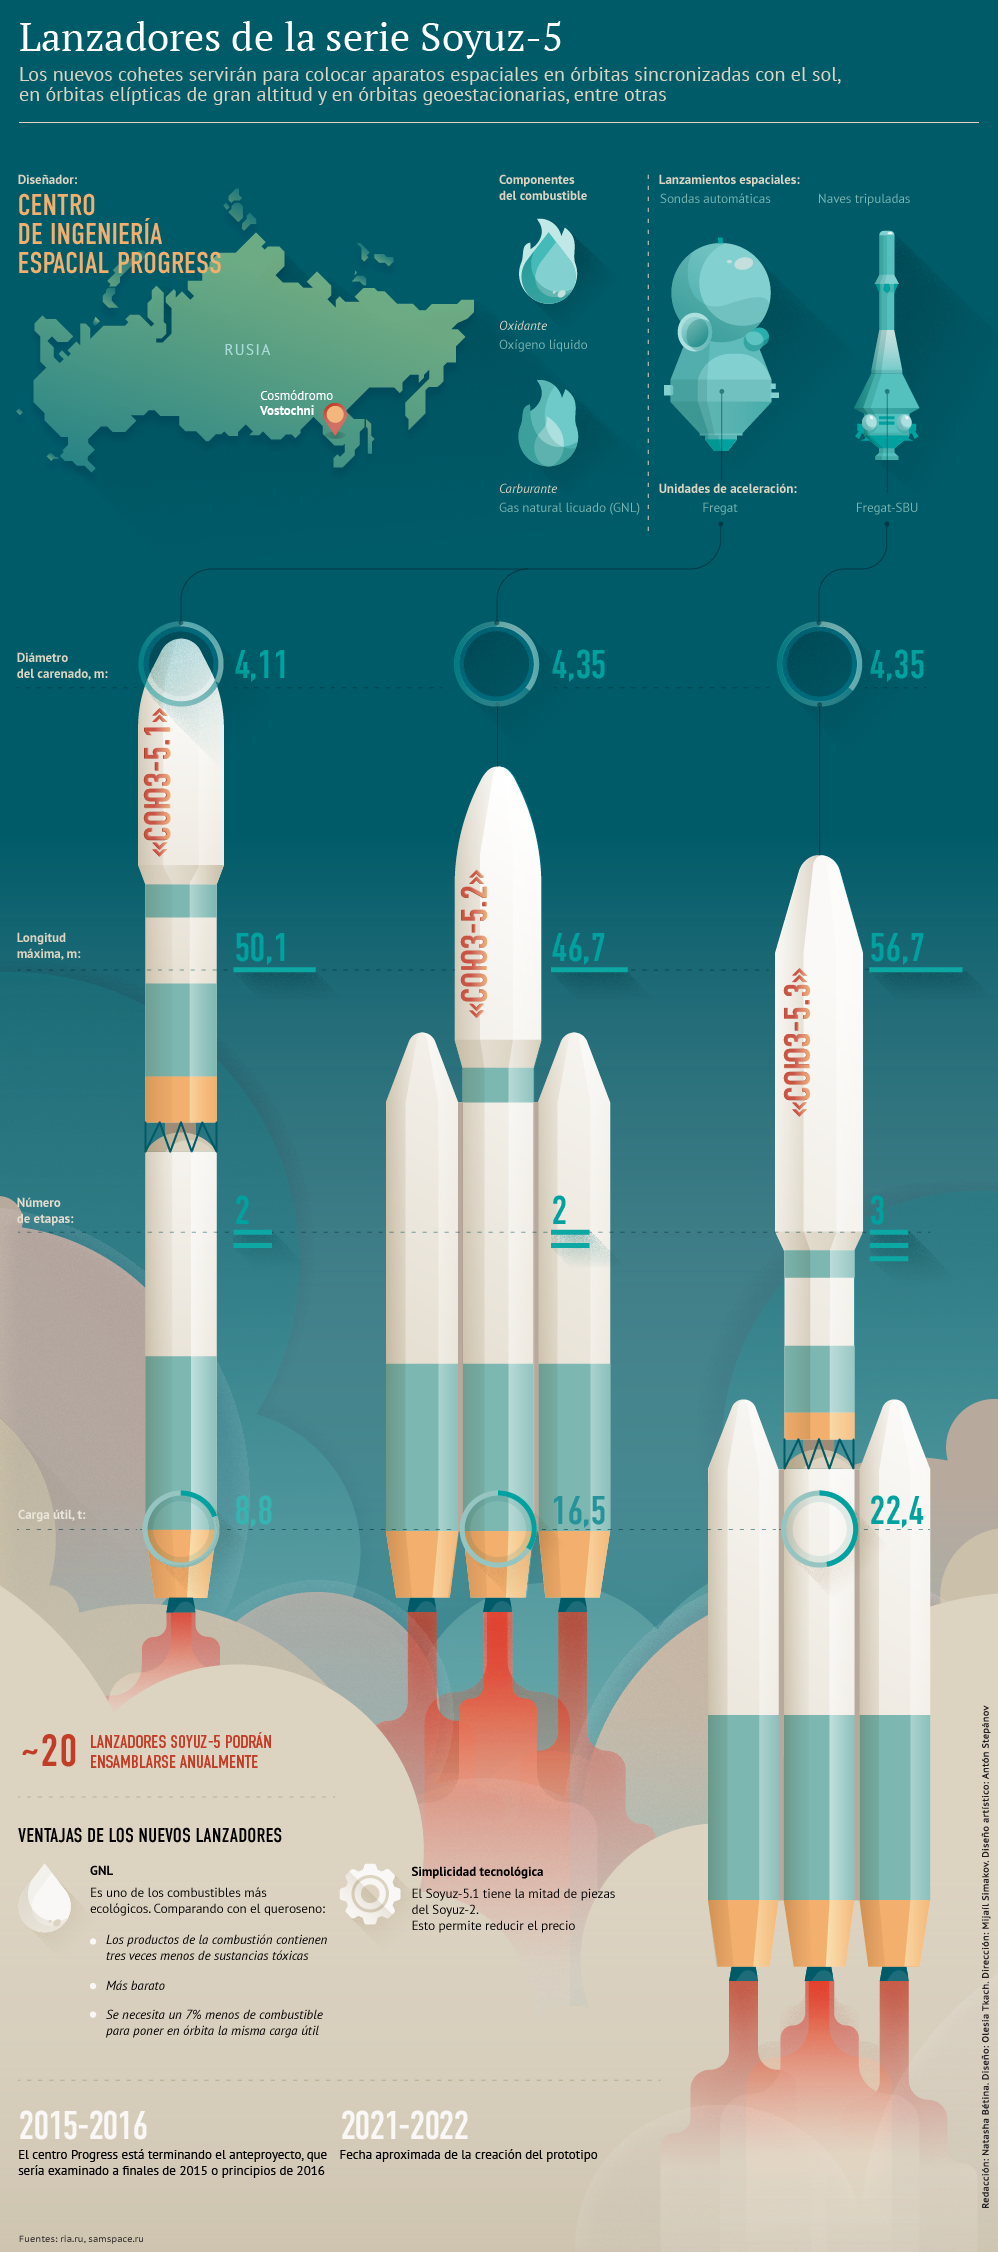 Lanzadores de la serie Soyuz-5